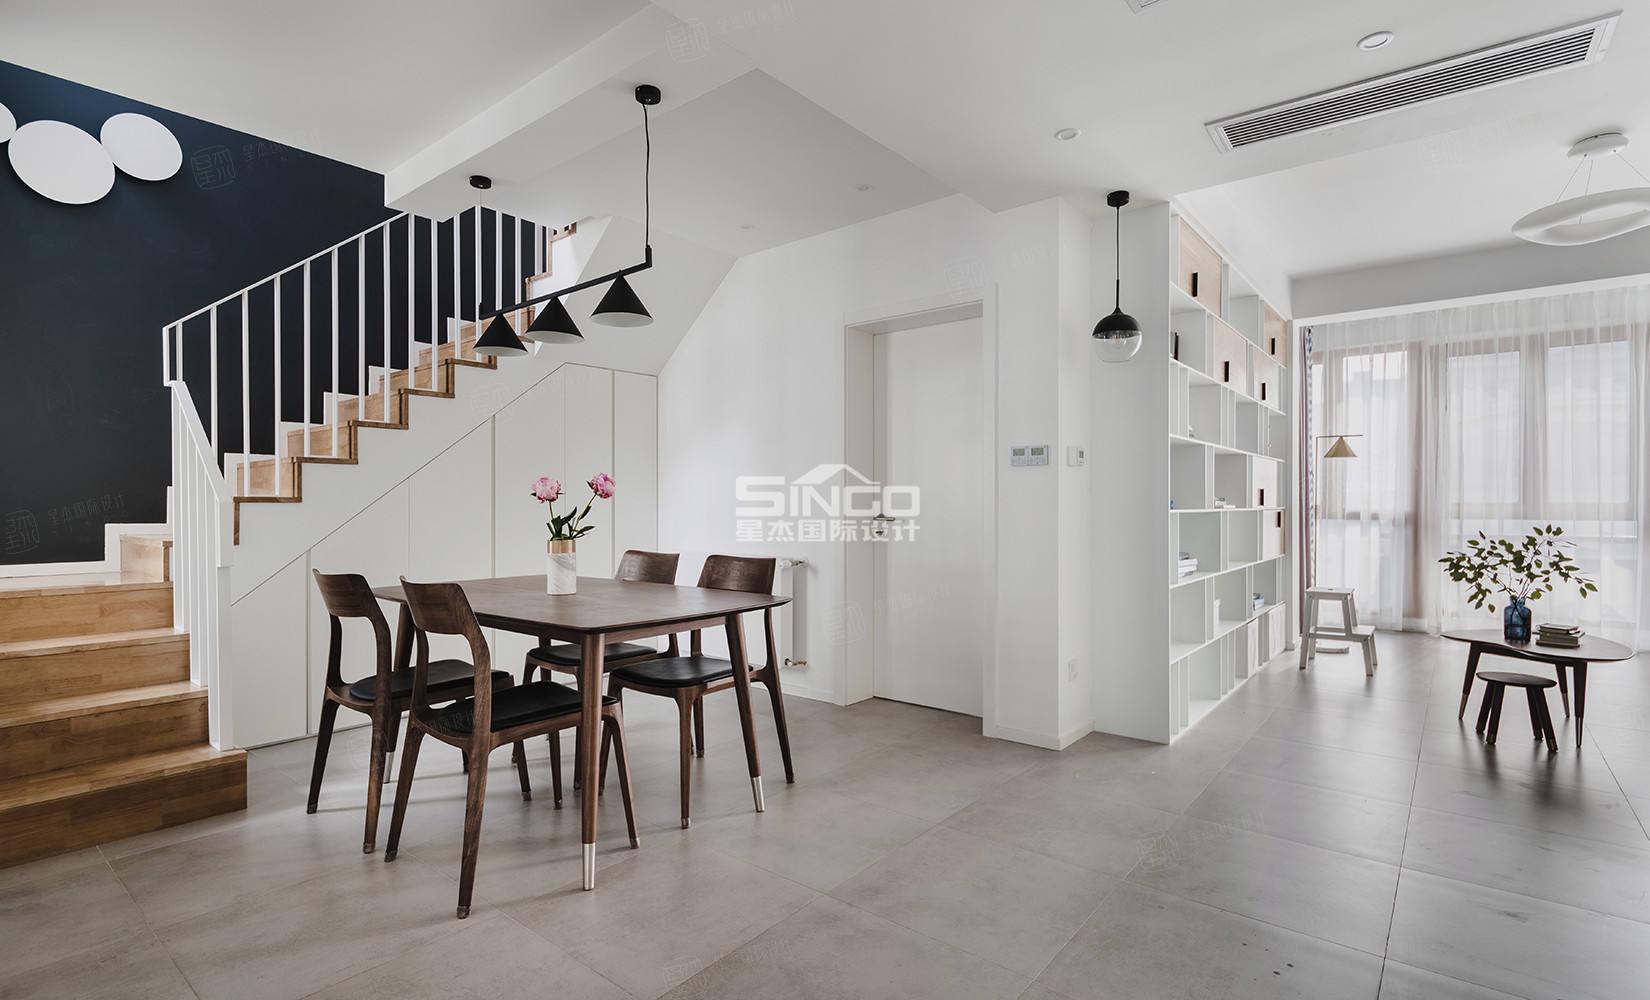 申江豪城实景 现代简约装修餐厅效果图